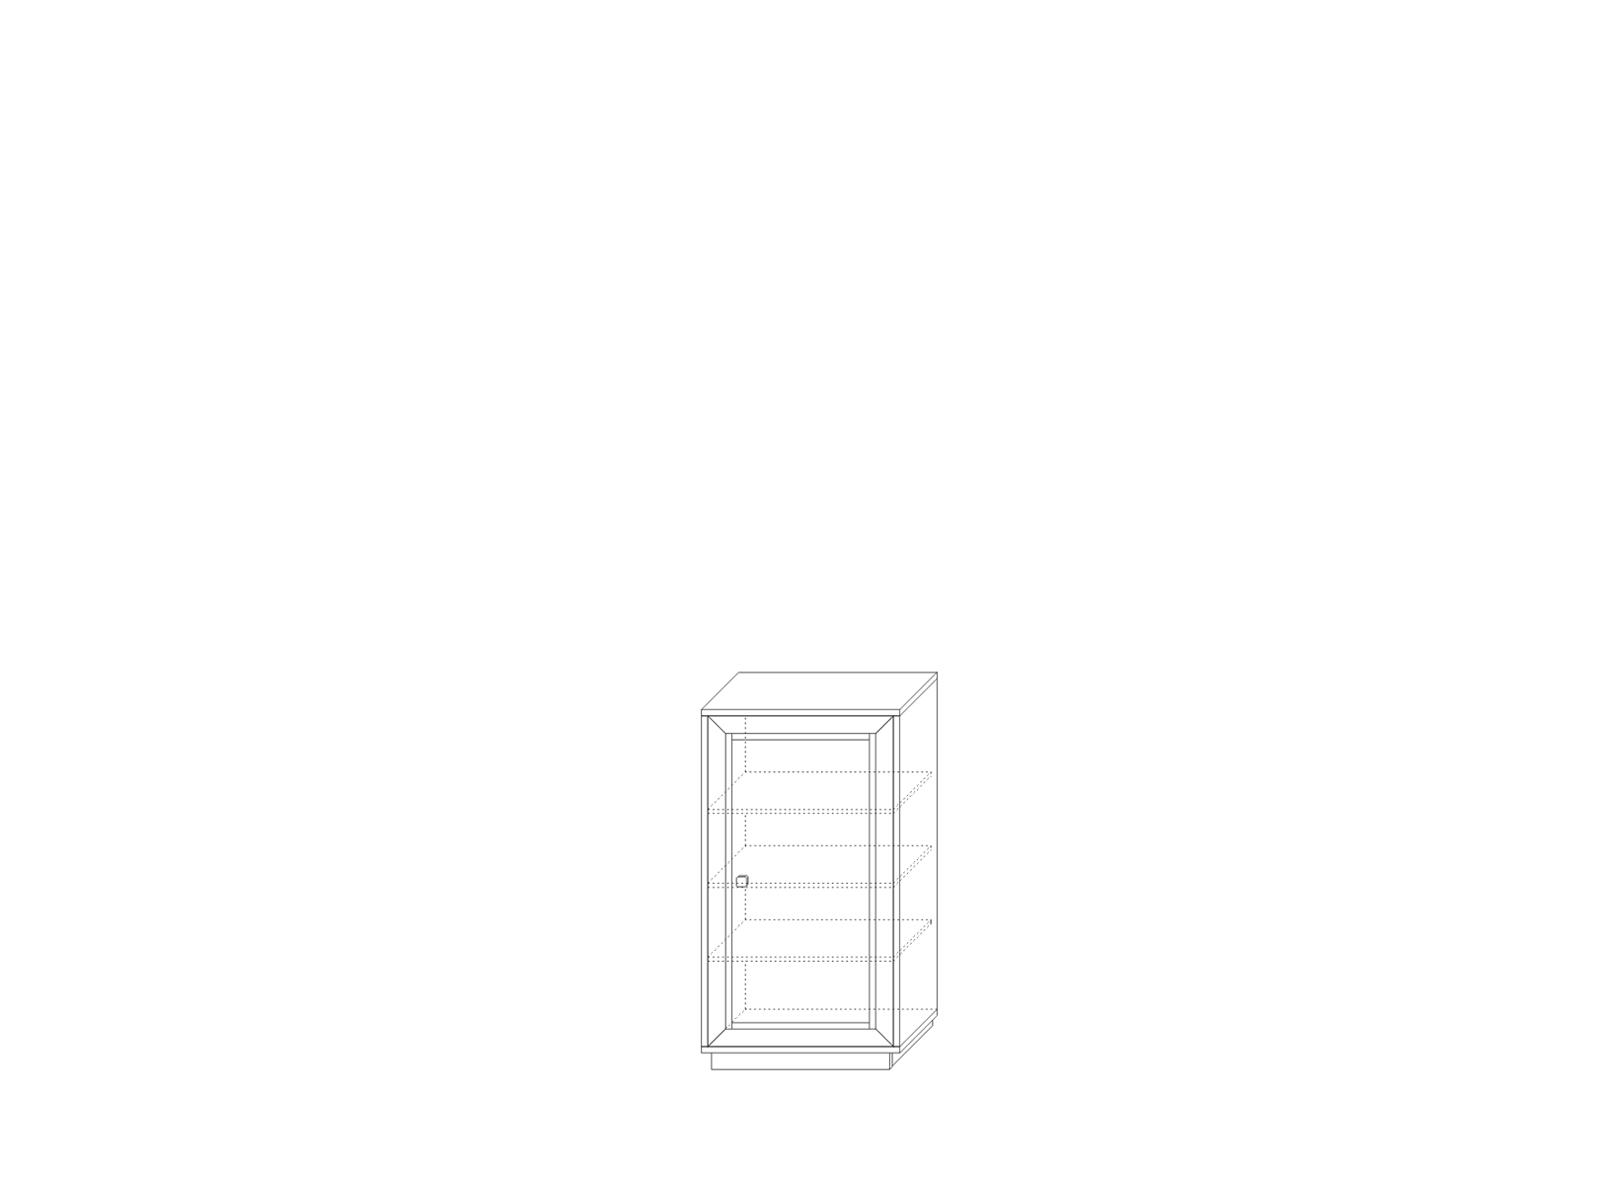 Шкаф 776 низкий «Прато» Кураж